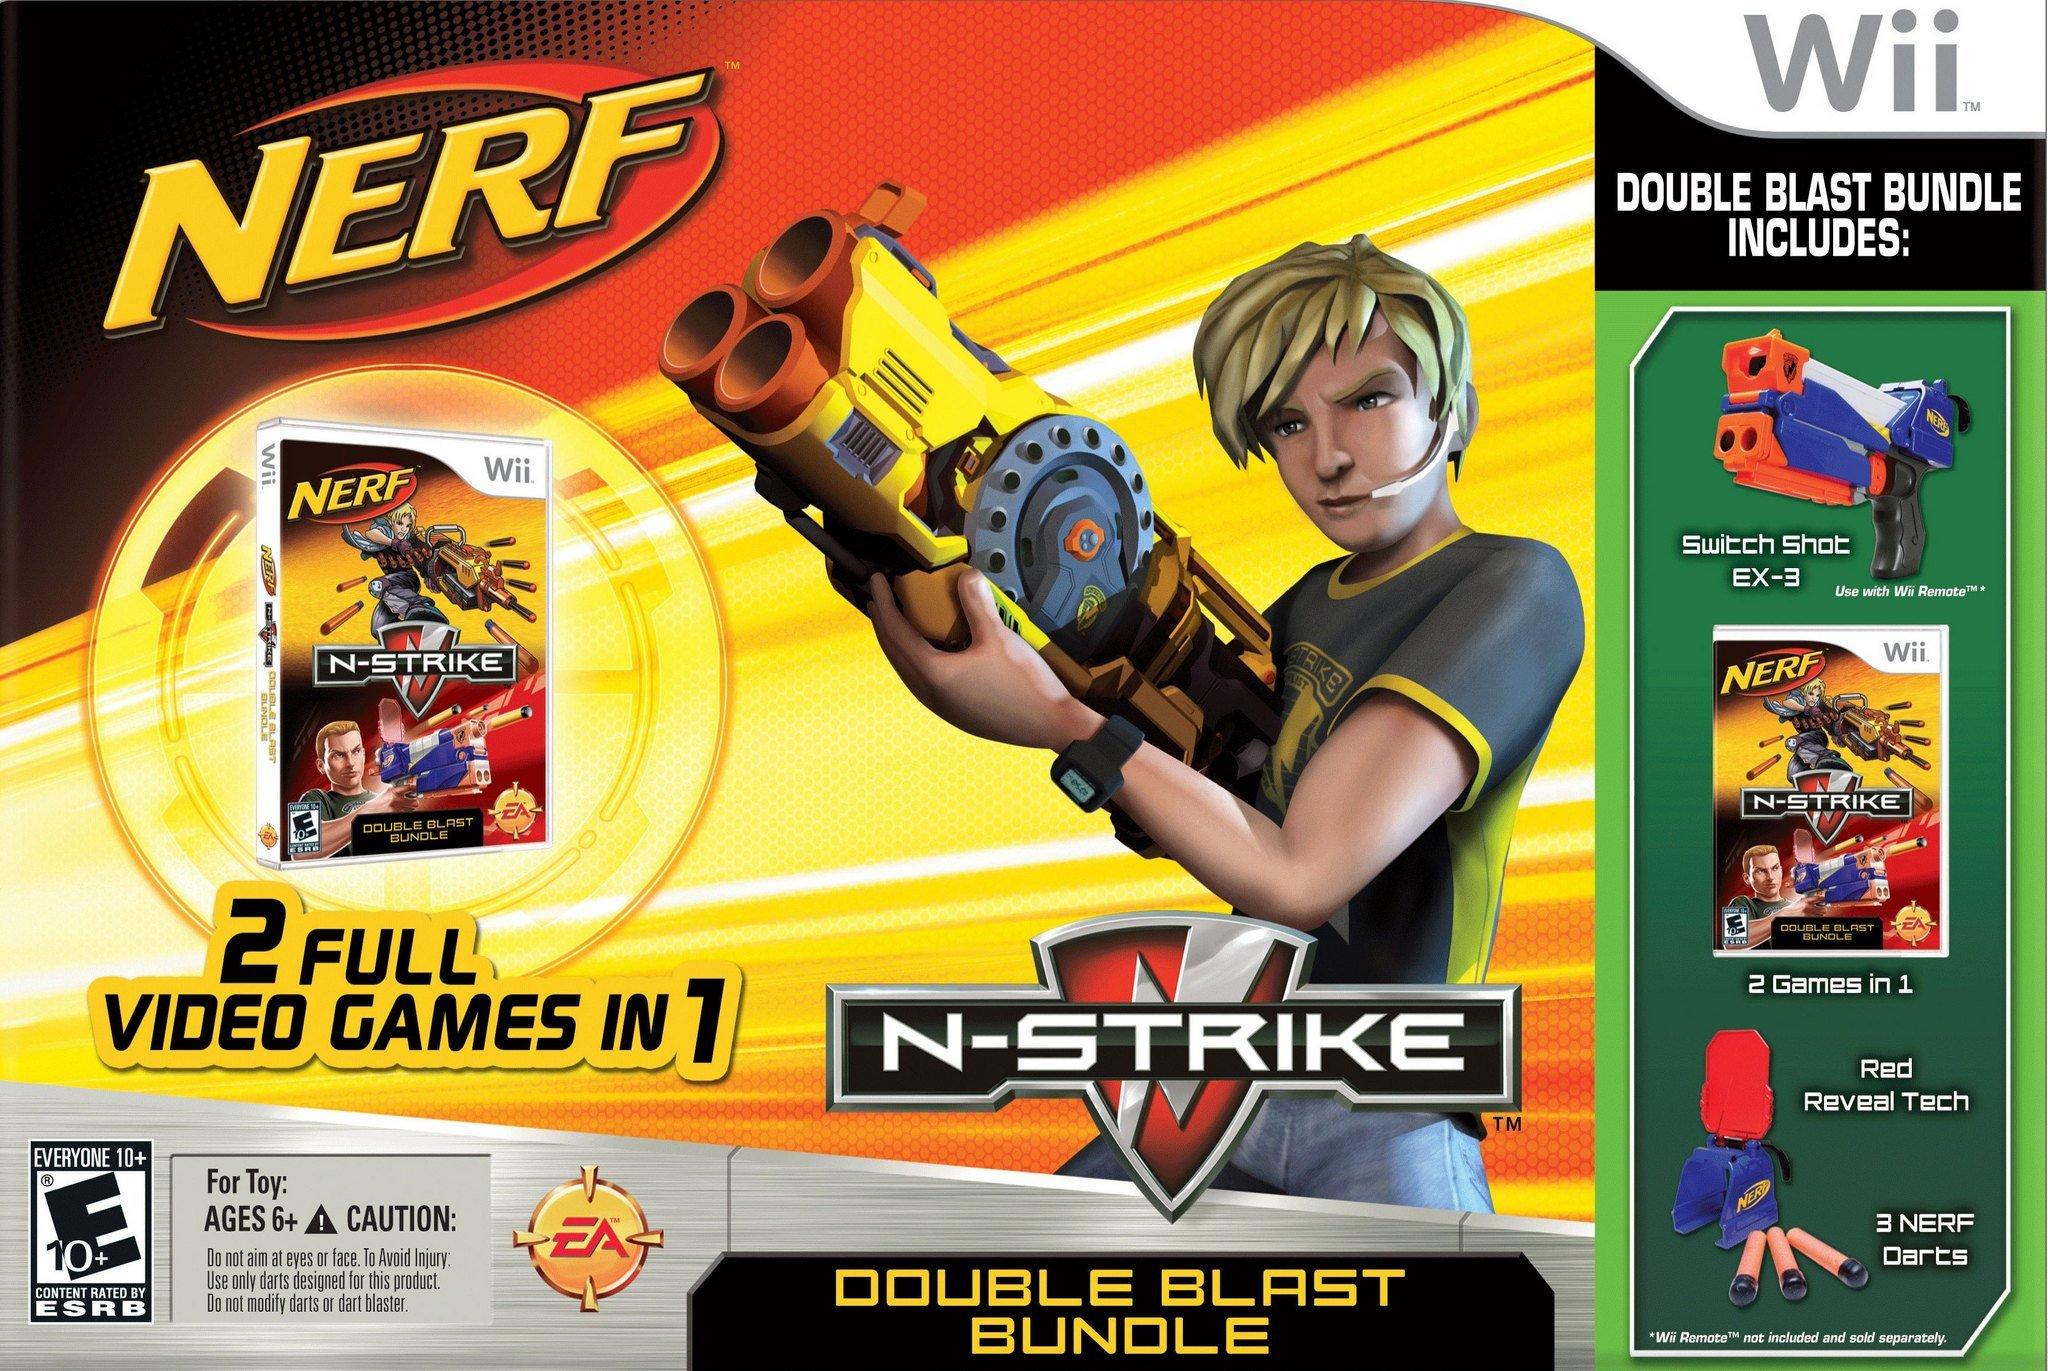 Rom juego NERF Double Blast